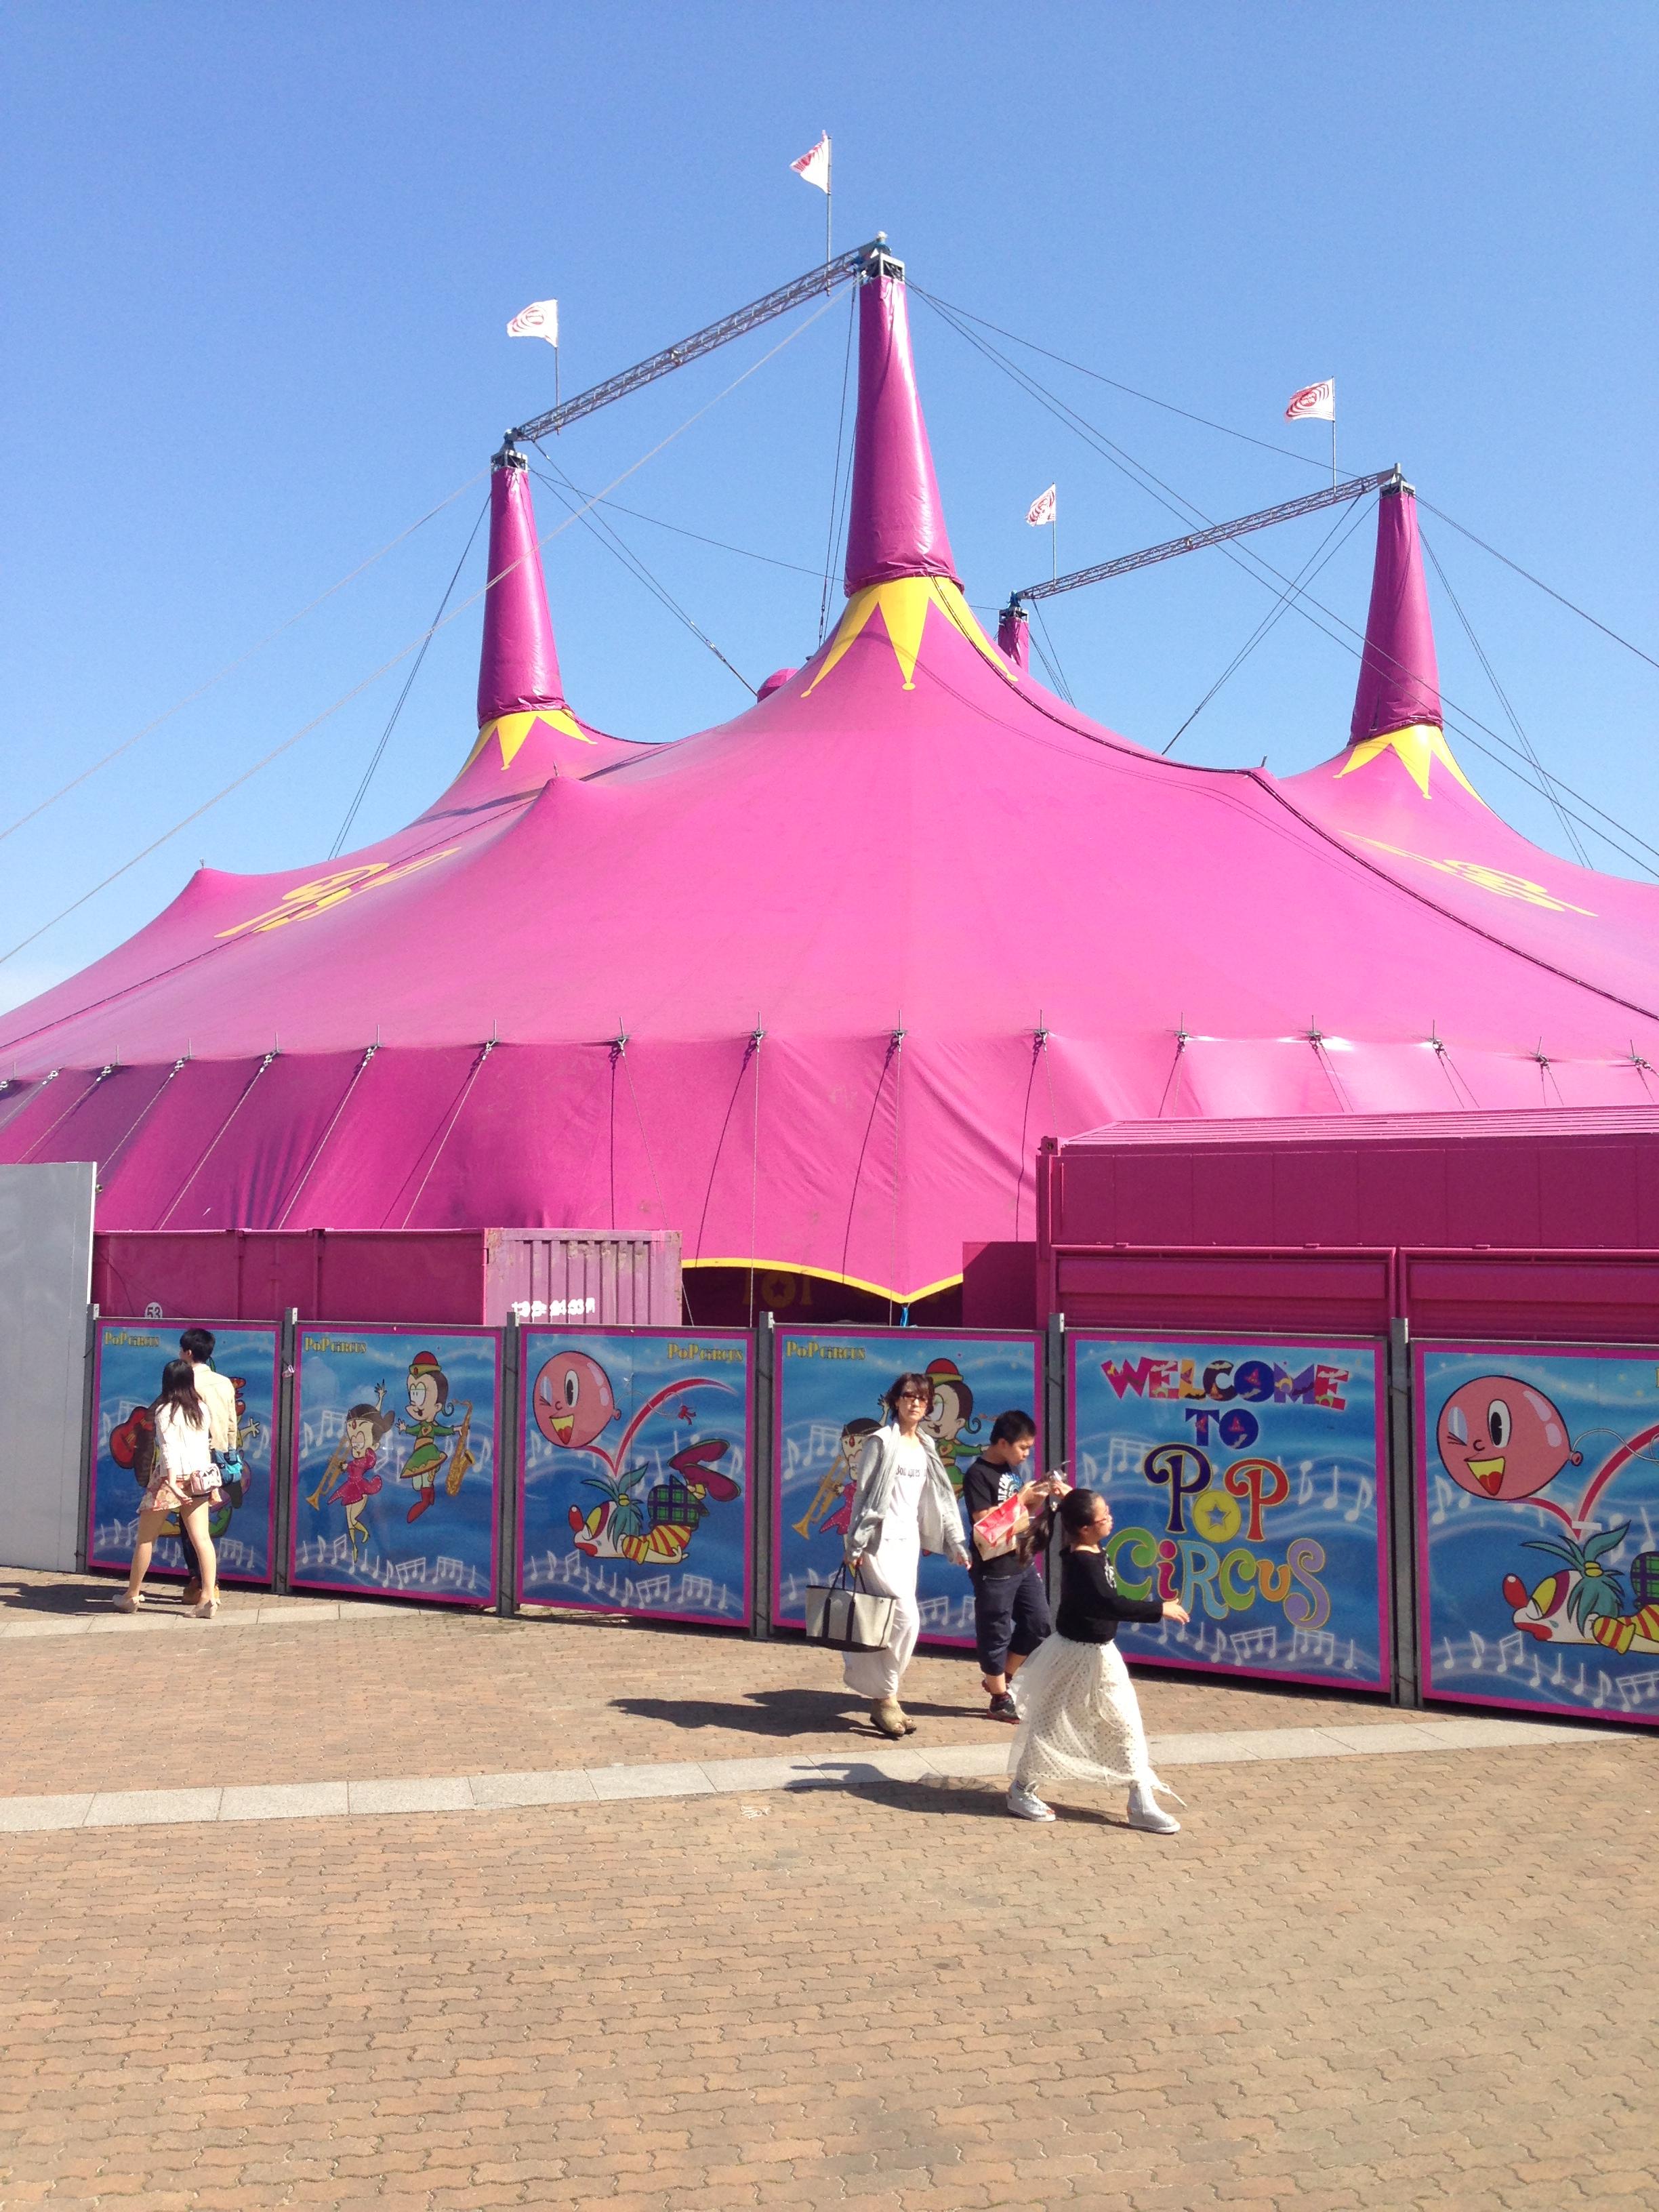 ポップサーカス、レトロながら超人レベルは高いサーカス軍団@富山公演中